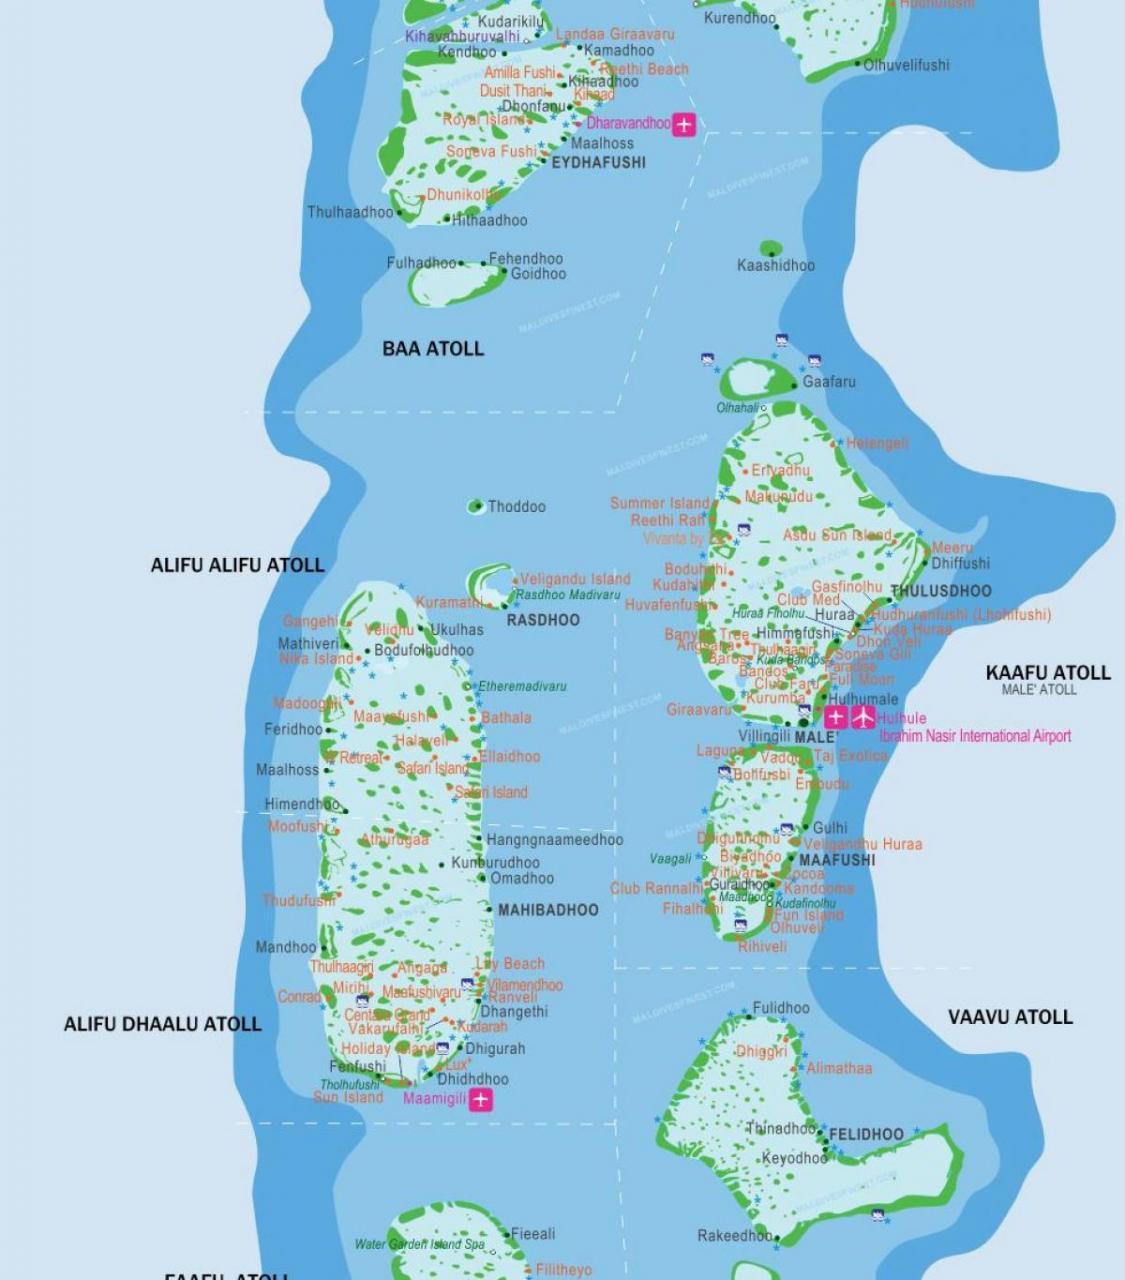 خريطة مطارات المالديف